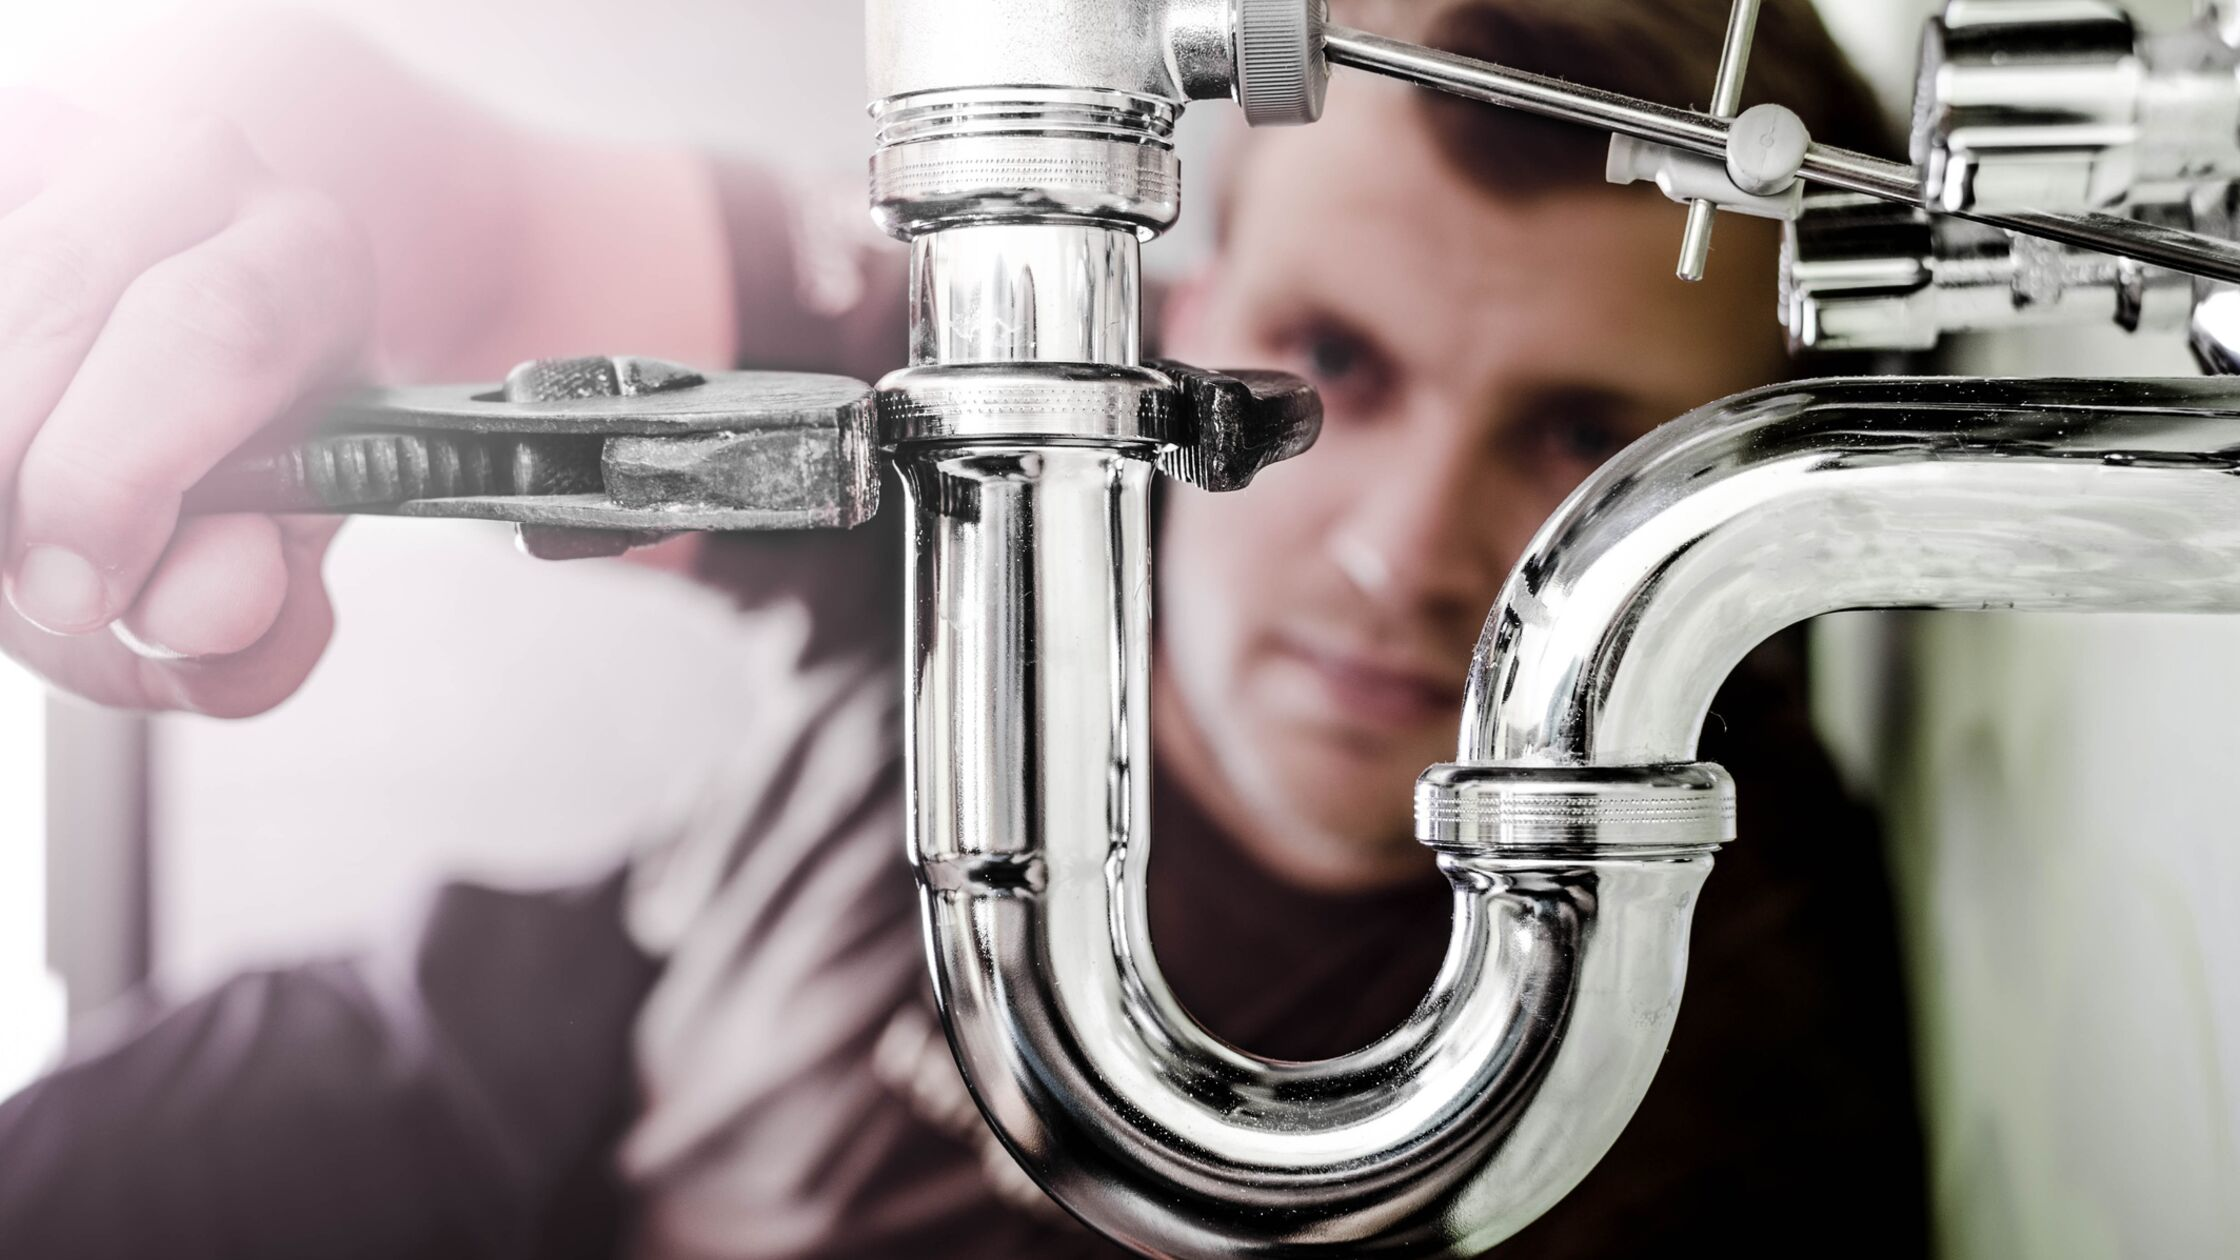 Mann schraubt mit einer Zange den Metallsiphon eines Waschbeckens ab